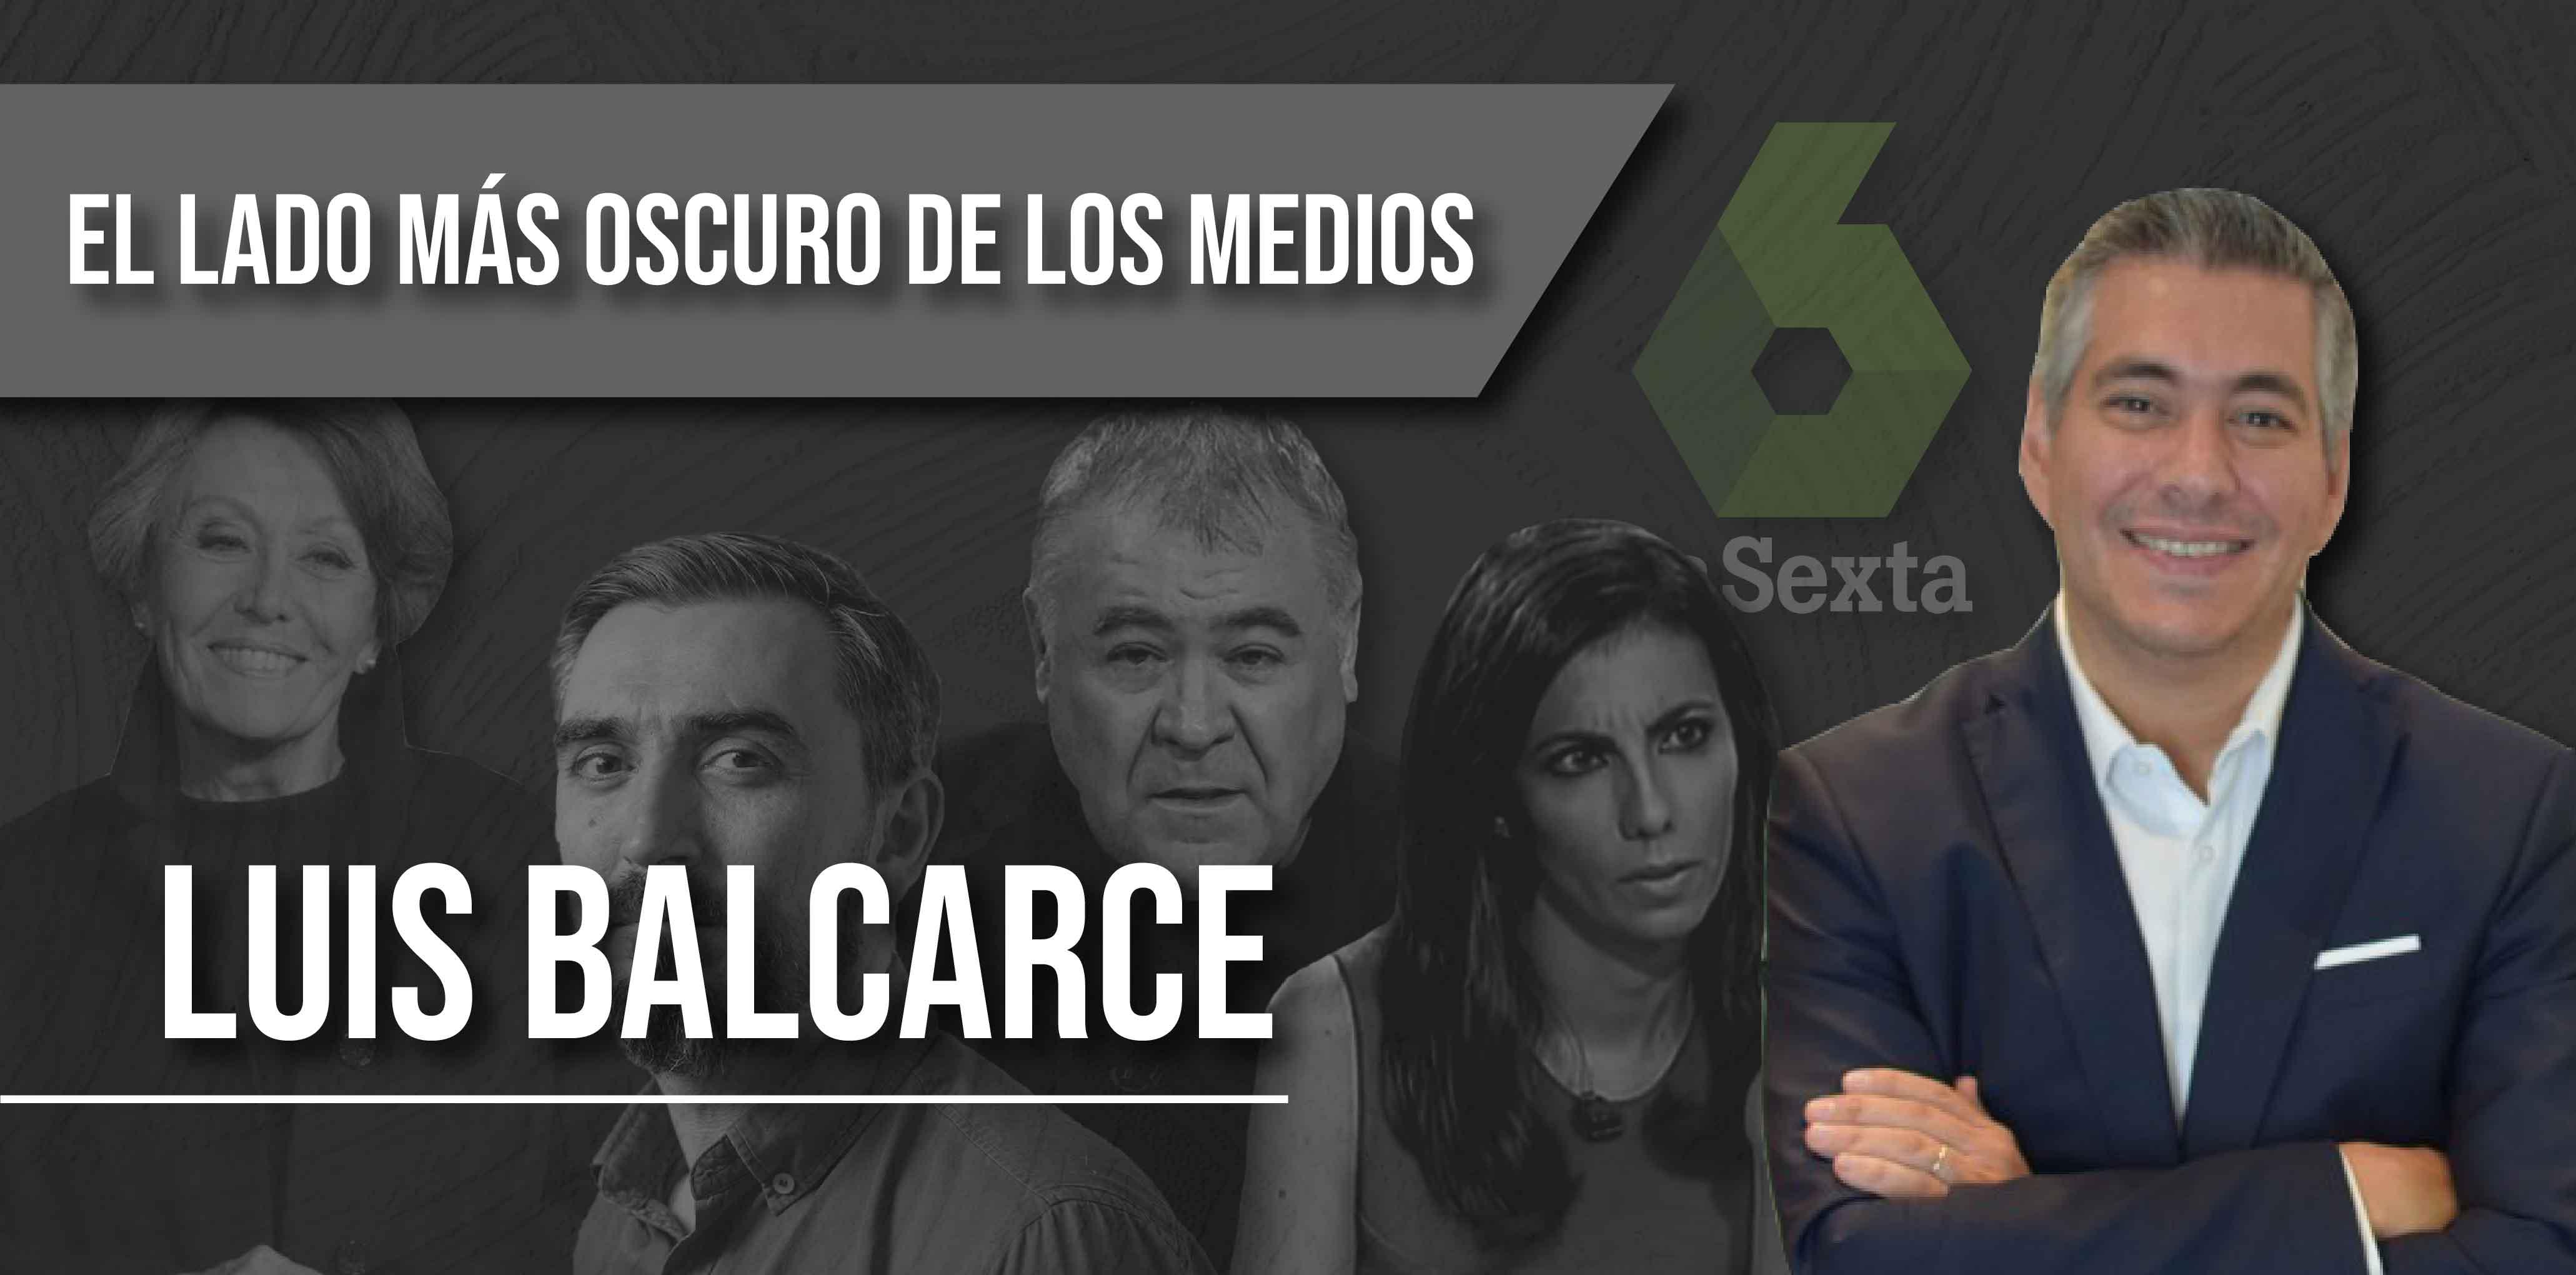 El lado más oscuro de los medios con Luis Balcarce